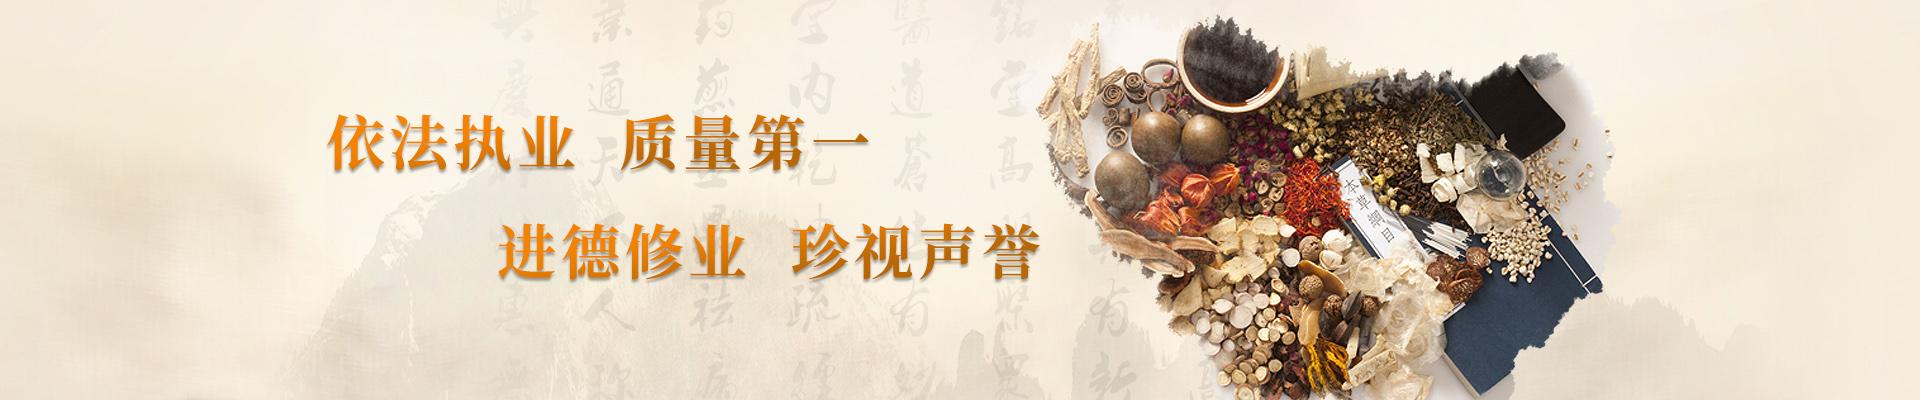 江西执业药师考试合格分数线_江西执业药师考试成绩_江西执业药师报名条件